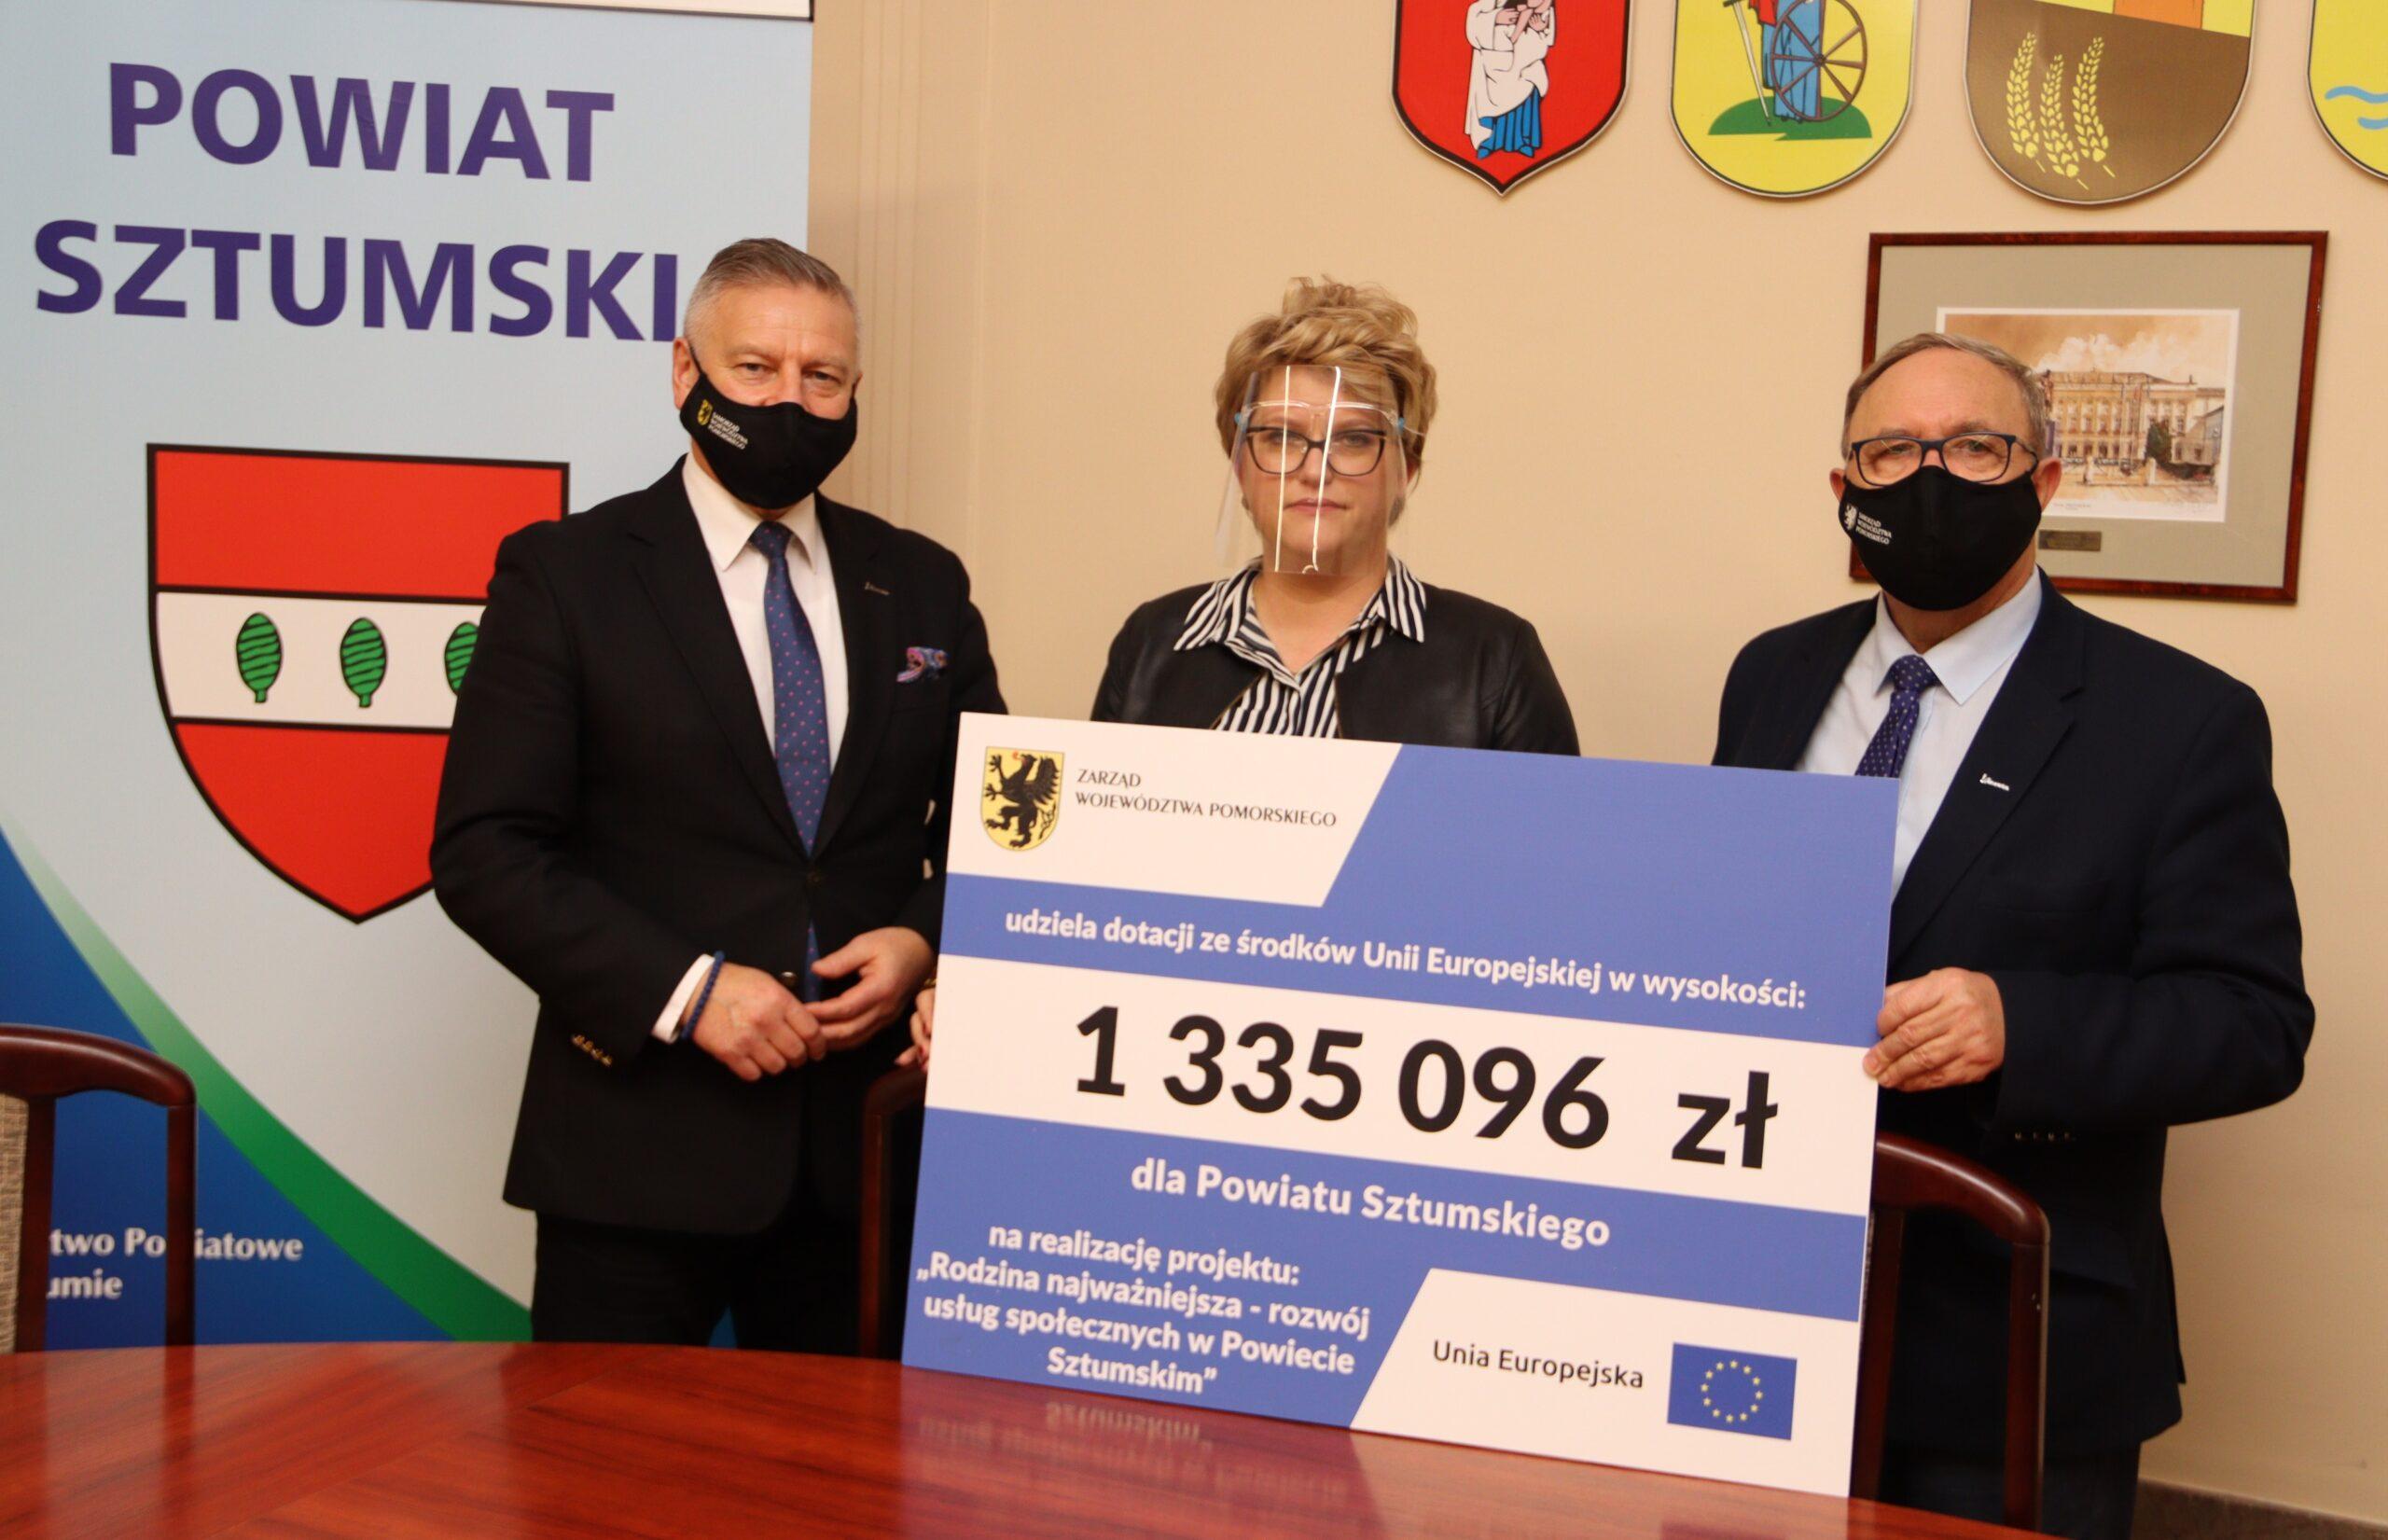 Po prawej stronie Członek Zarządu Województwa Pomorskiego Józef Sarnowski. Po lewej mężczyzna, w środku kobieta. Przedstawiciele powiatu sztumskiego. Wszyscy trzymają symboliczne czek informujący o dofinansowaniu projektu z zakresu usług społecznych